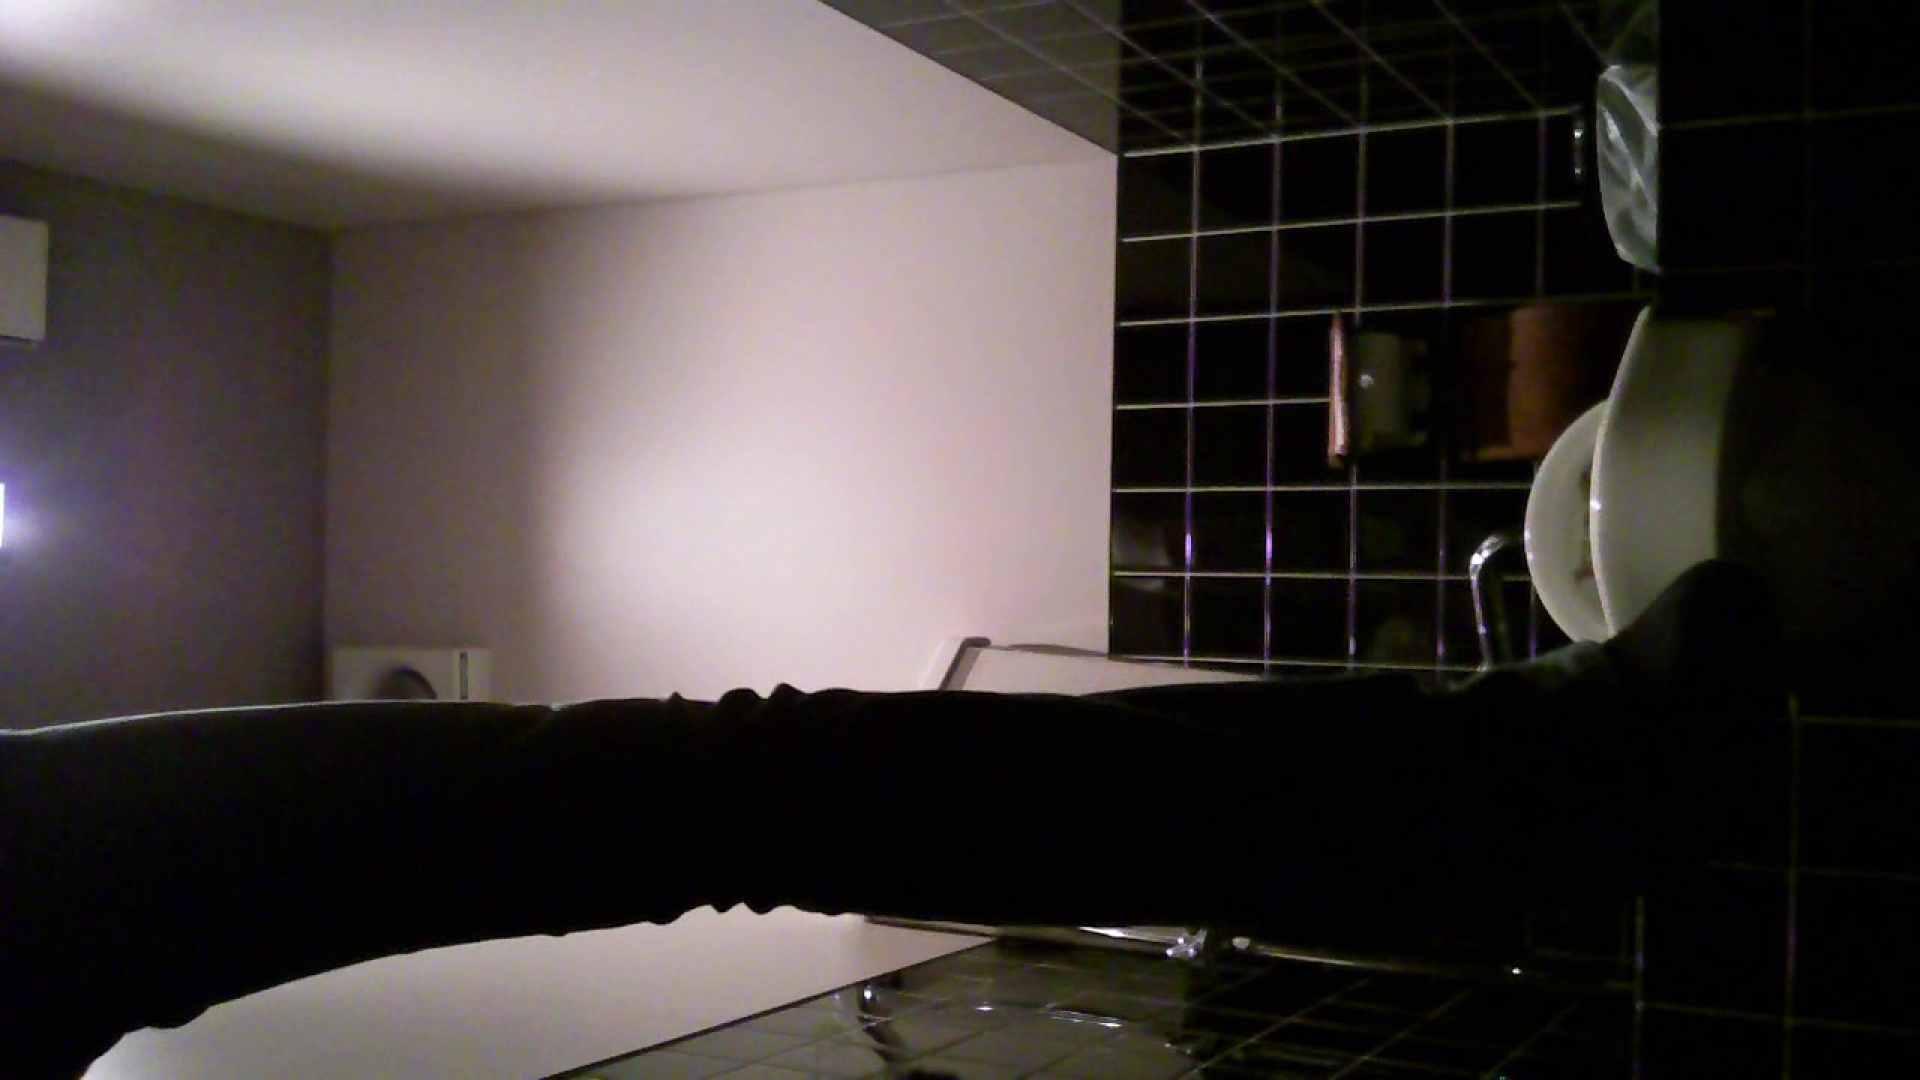 美女の集まる飲み屋洗面所 vol.01 エロティックなOL アダルト動画キャプチャ 74画像 50